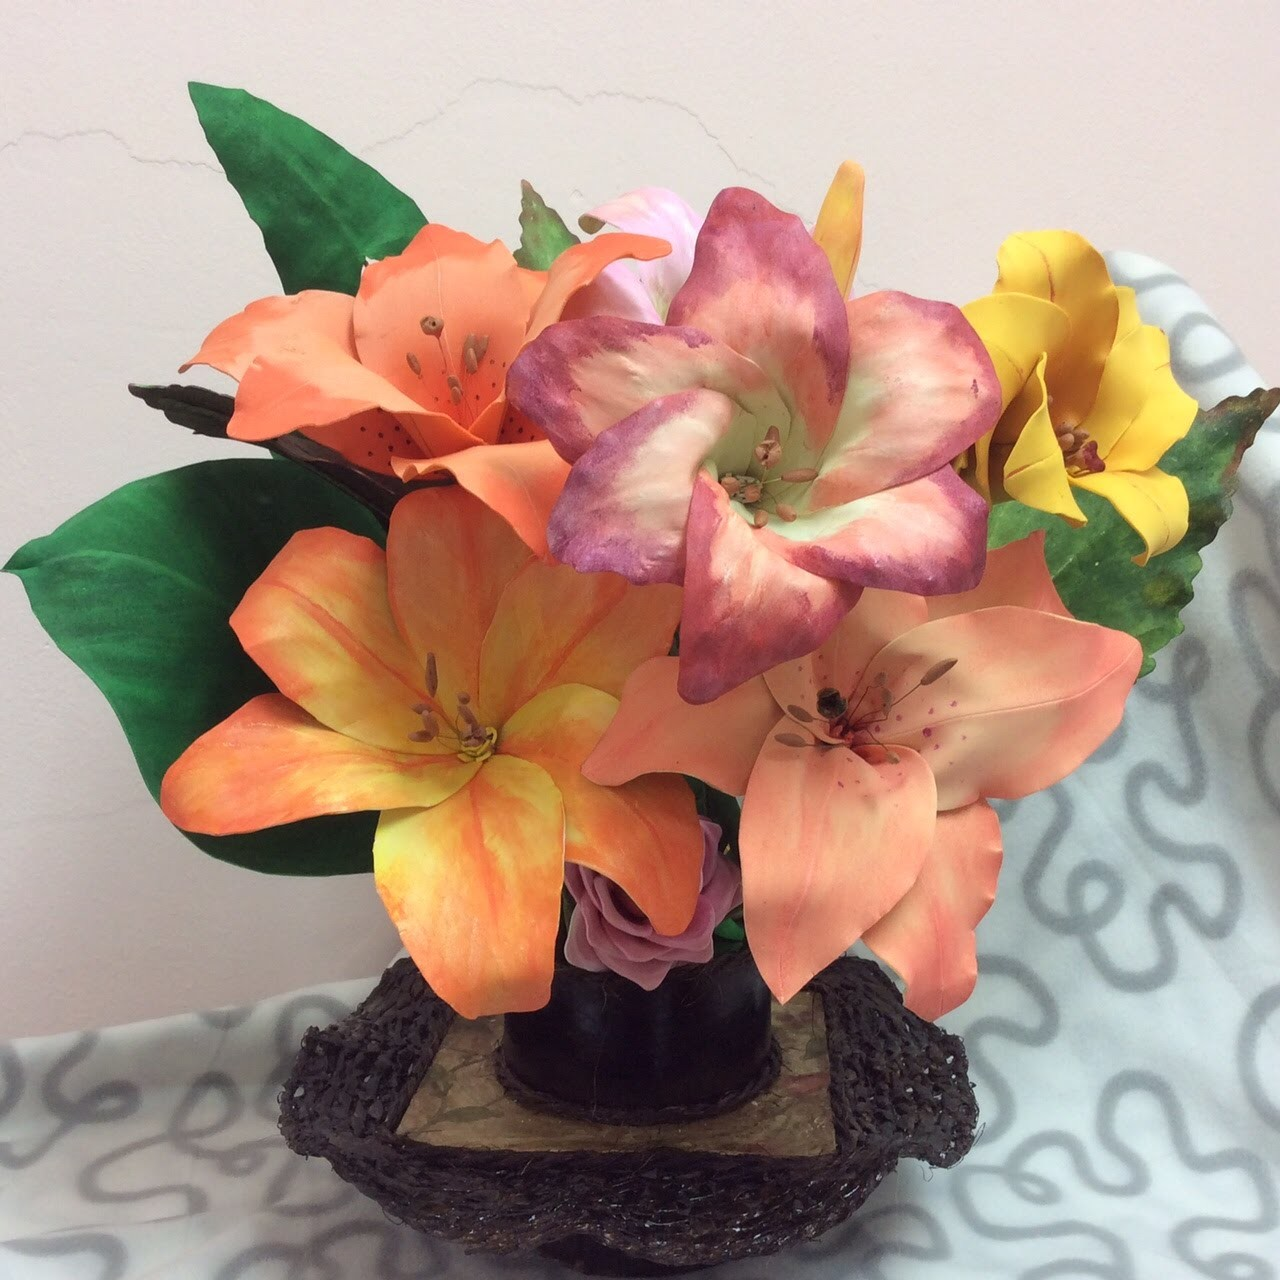 Como hacer Centro de Mesa Para flores-How to make centerpiece for flowers